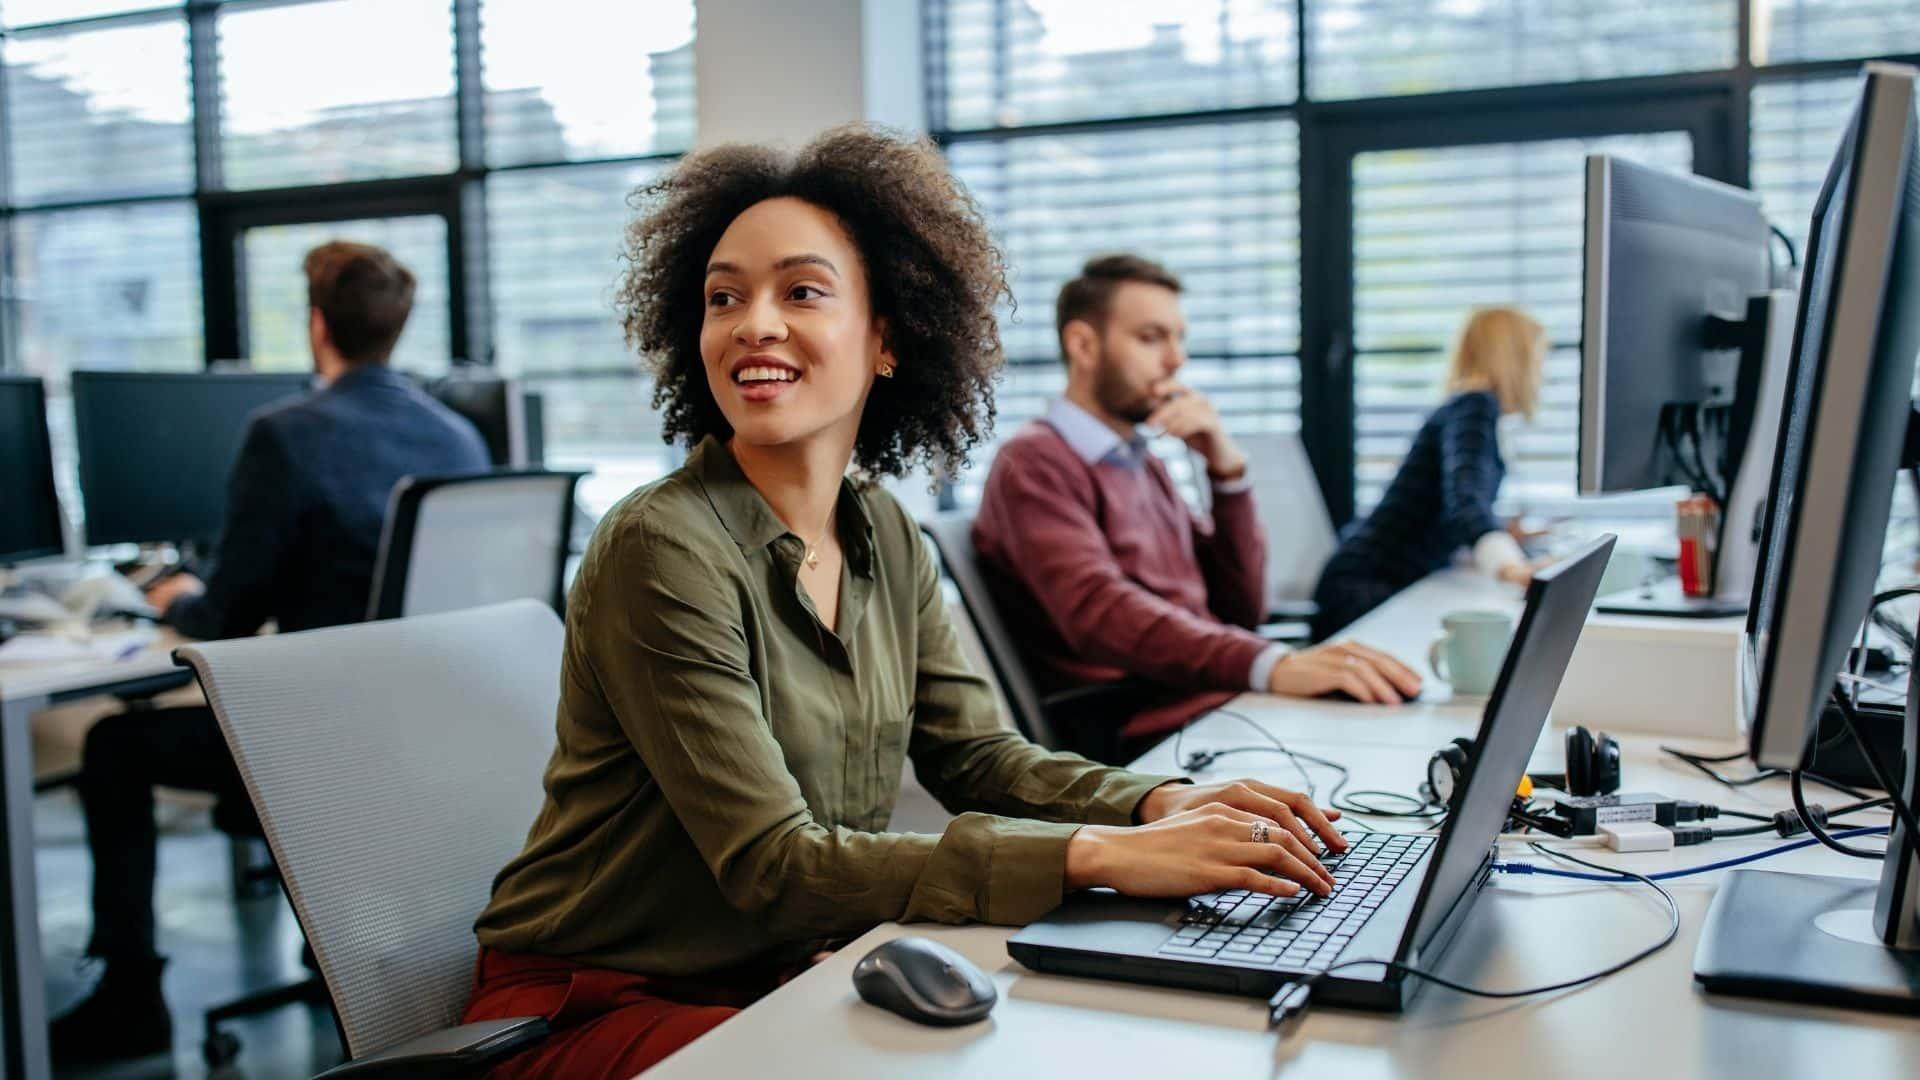 [RH] Quelle évolution professionnelle pour les salariés qui ne veulent pas manager ?